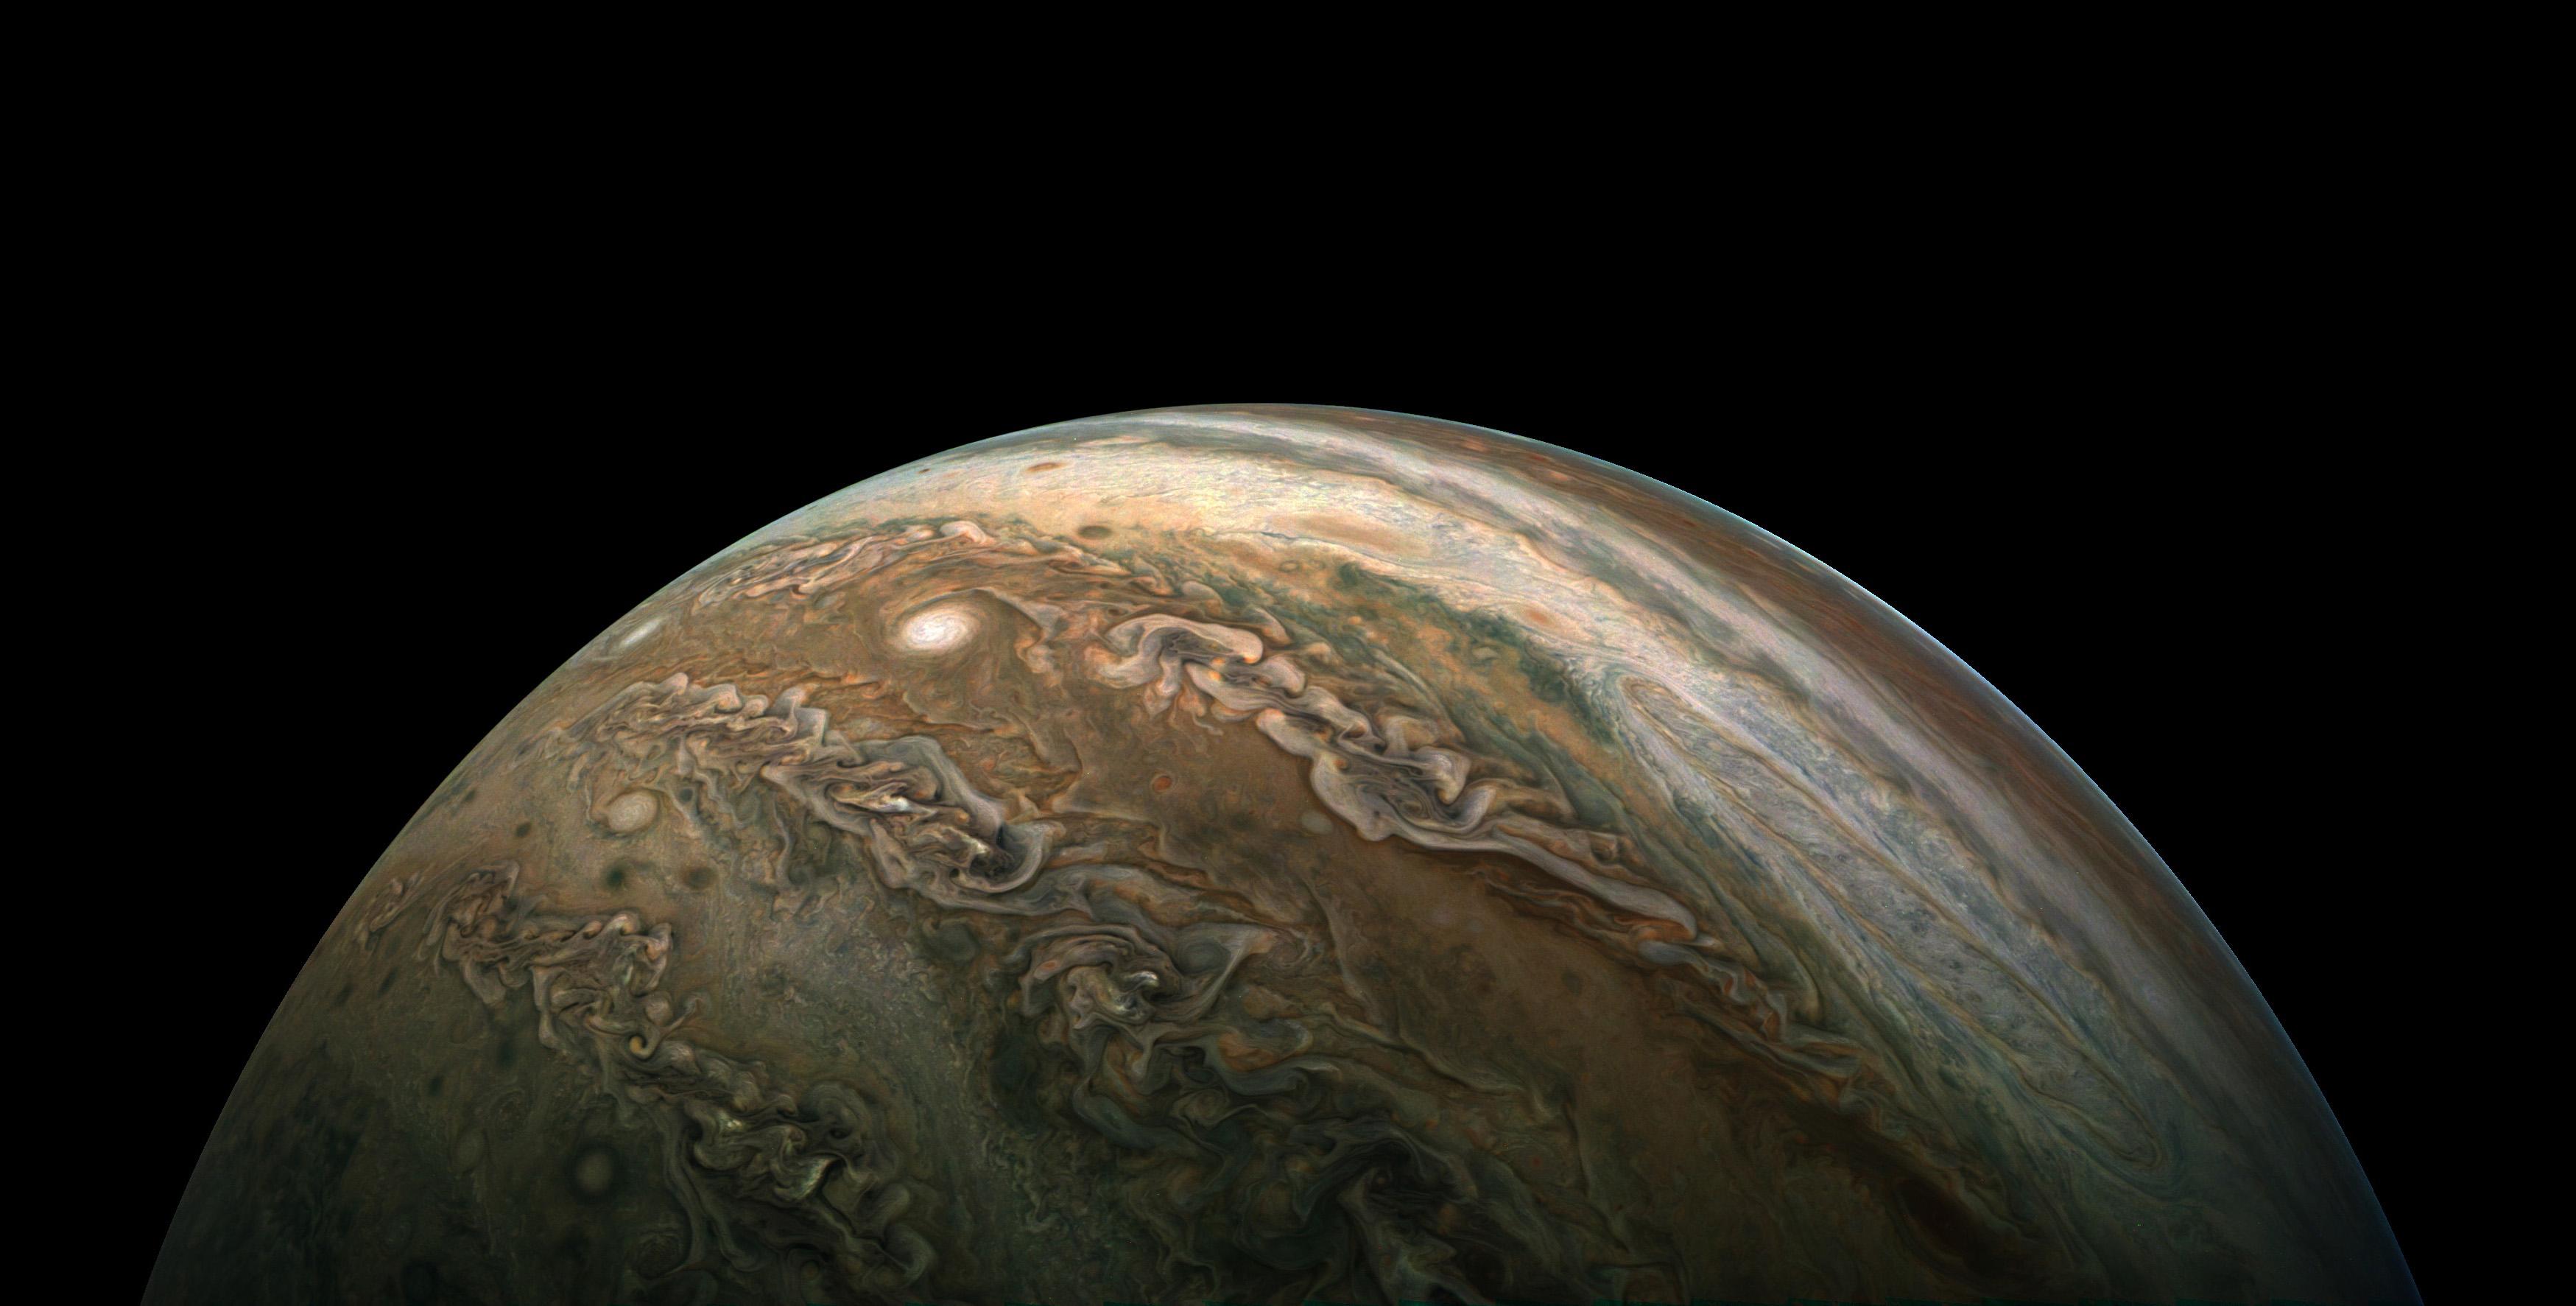 Юпитер фото на ютубе